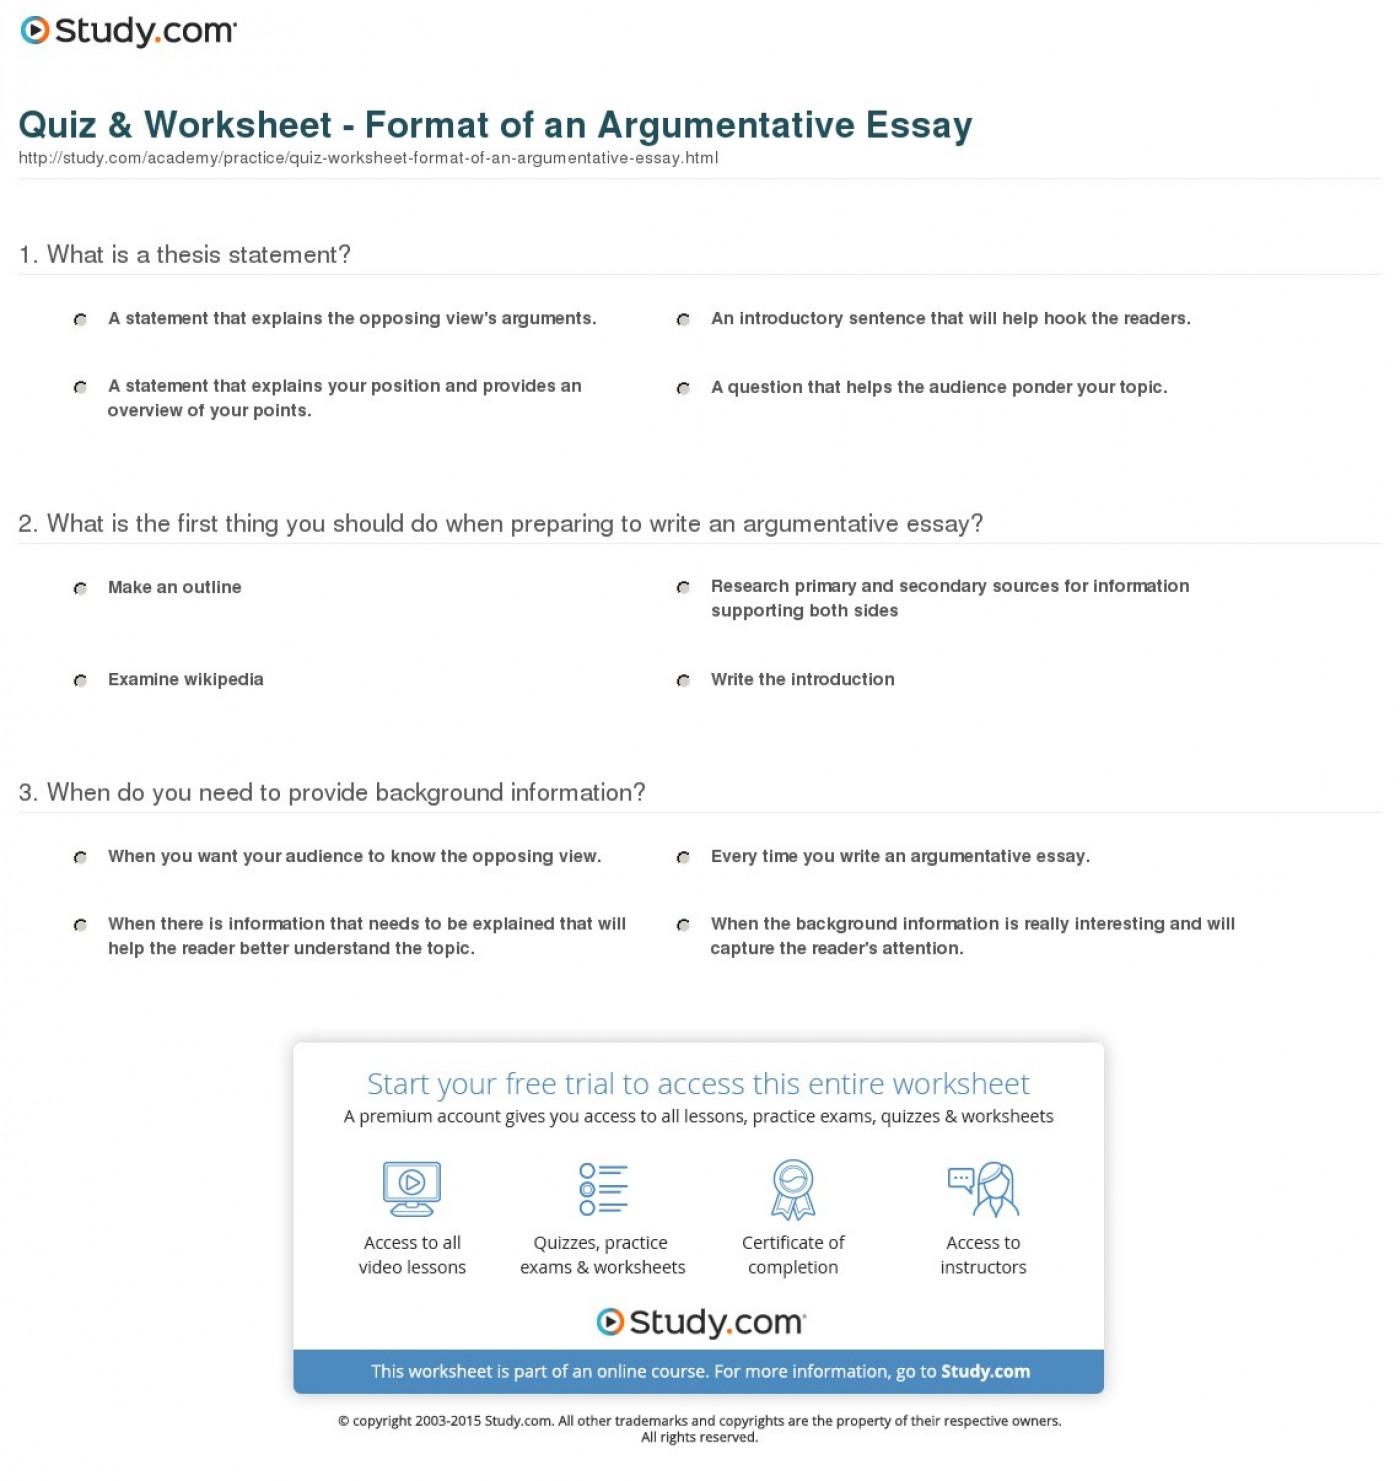 011 Essay Example Argument Format Argumentative Structure